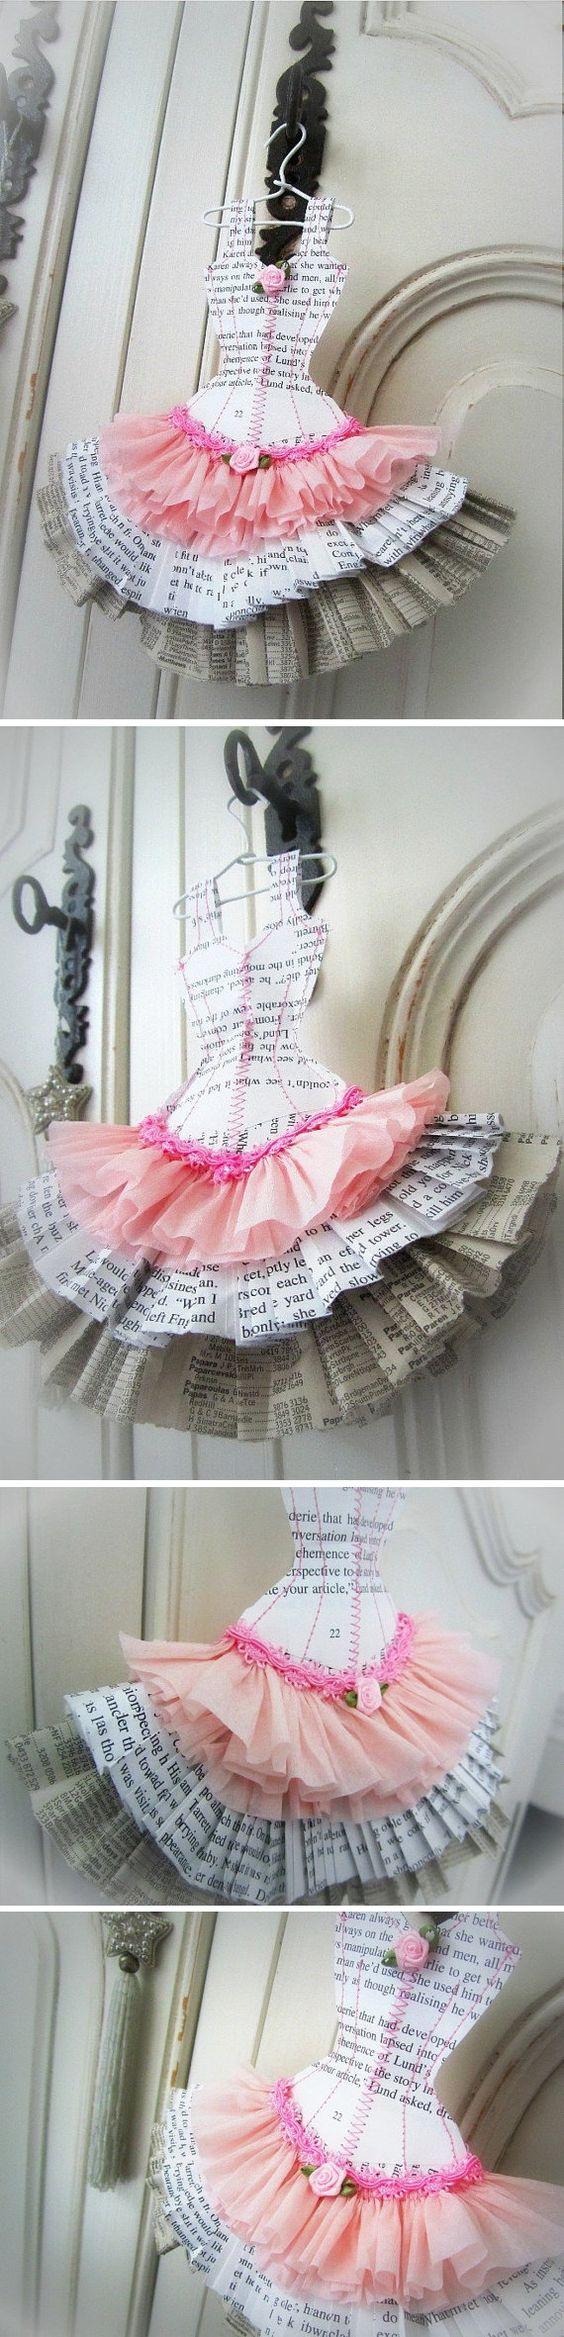 Robe faite à partir de pages de papier recyclé (romans, annuaires...) et de papier crépon. Elle est cousue avec du fil de coton rose et est soulignée d'un galon rose et de deux fleurs de satin rose. Elle mesure 19 cm de hauteur x 18 cm de largeur et est livrée avec son petit cintre blanc.